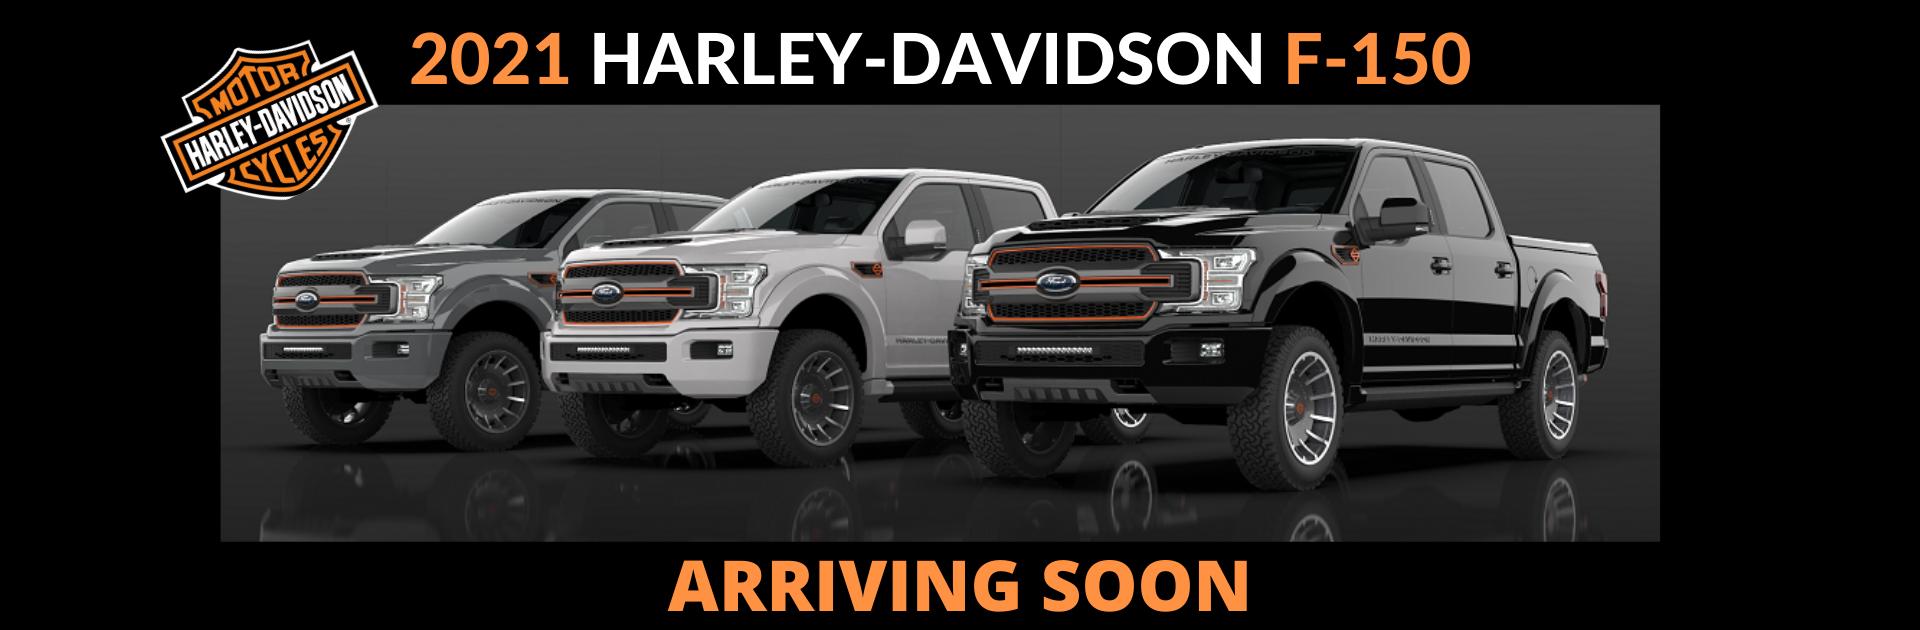 2021 Harley Davidson Arriving Soon